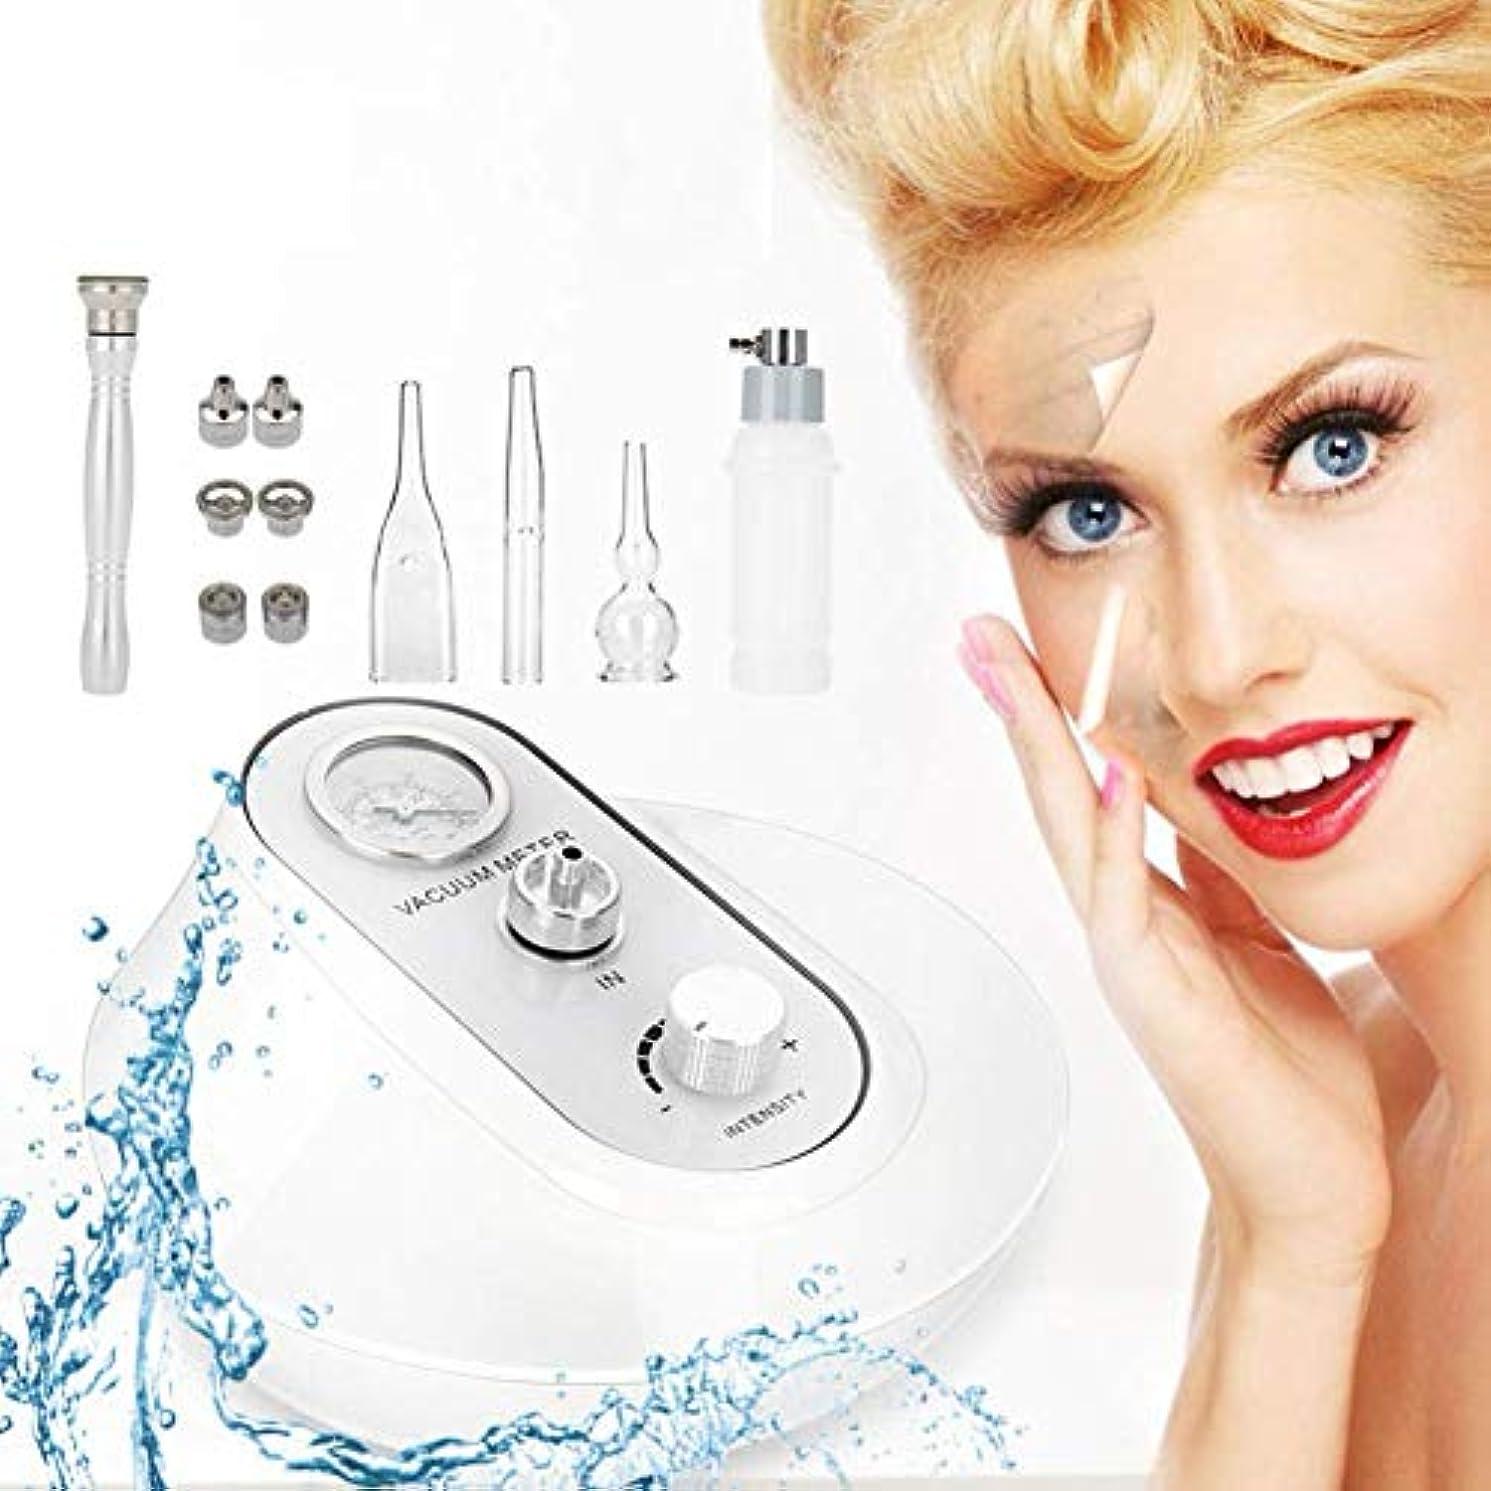 恐れる絶壁ハードダイヤモンドマイクロダーマブレーション皮膚剥離機抗シワそばかす除去エクスフォリエーター肌の若返り美容機